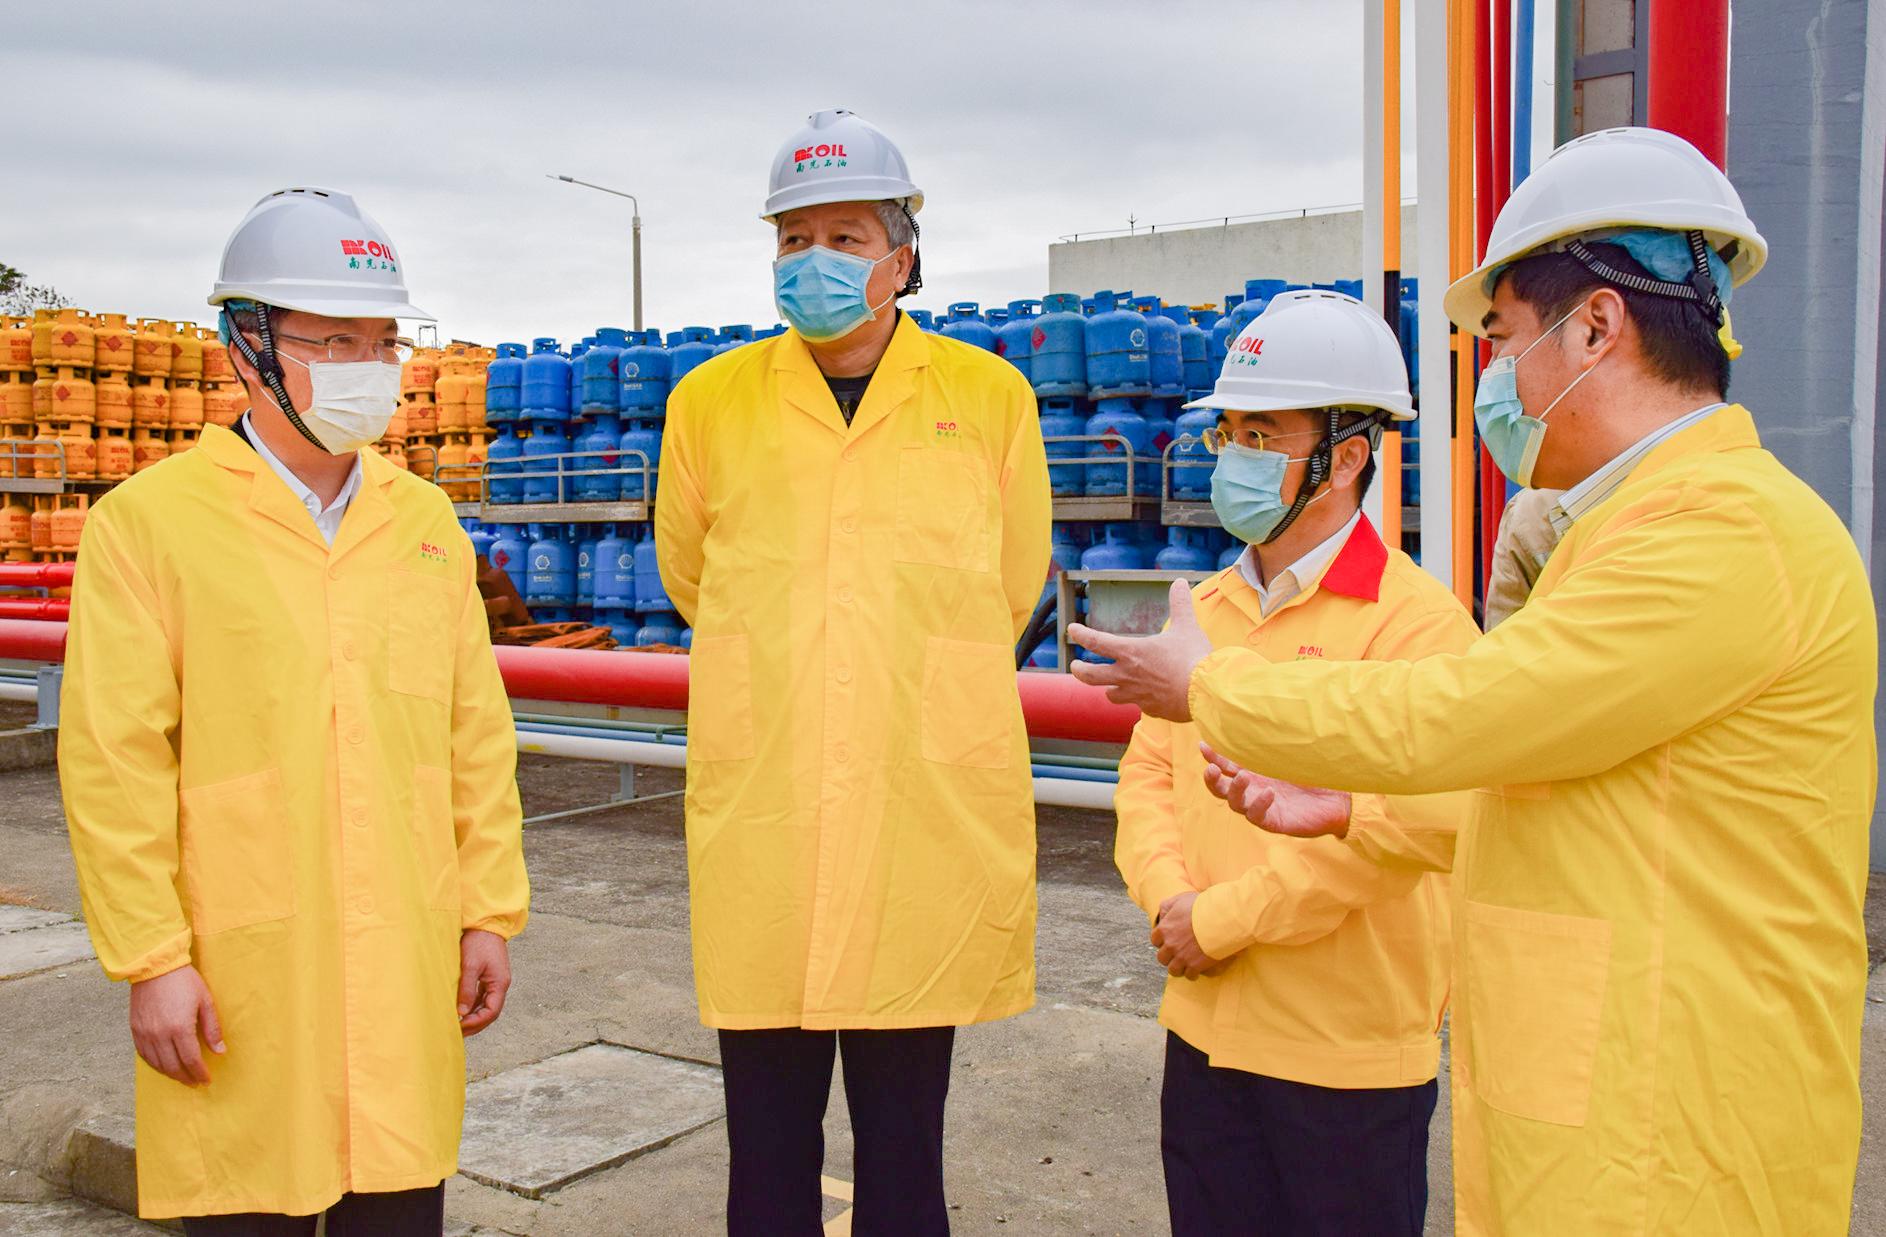 Nam Kwong | Doação de quatro mil litros de álcool desinfectante